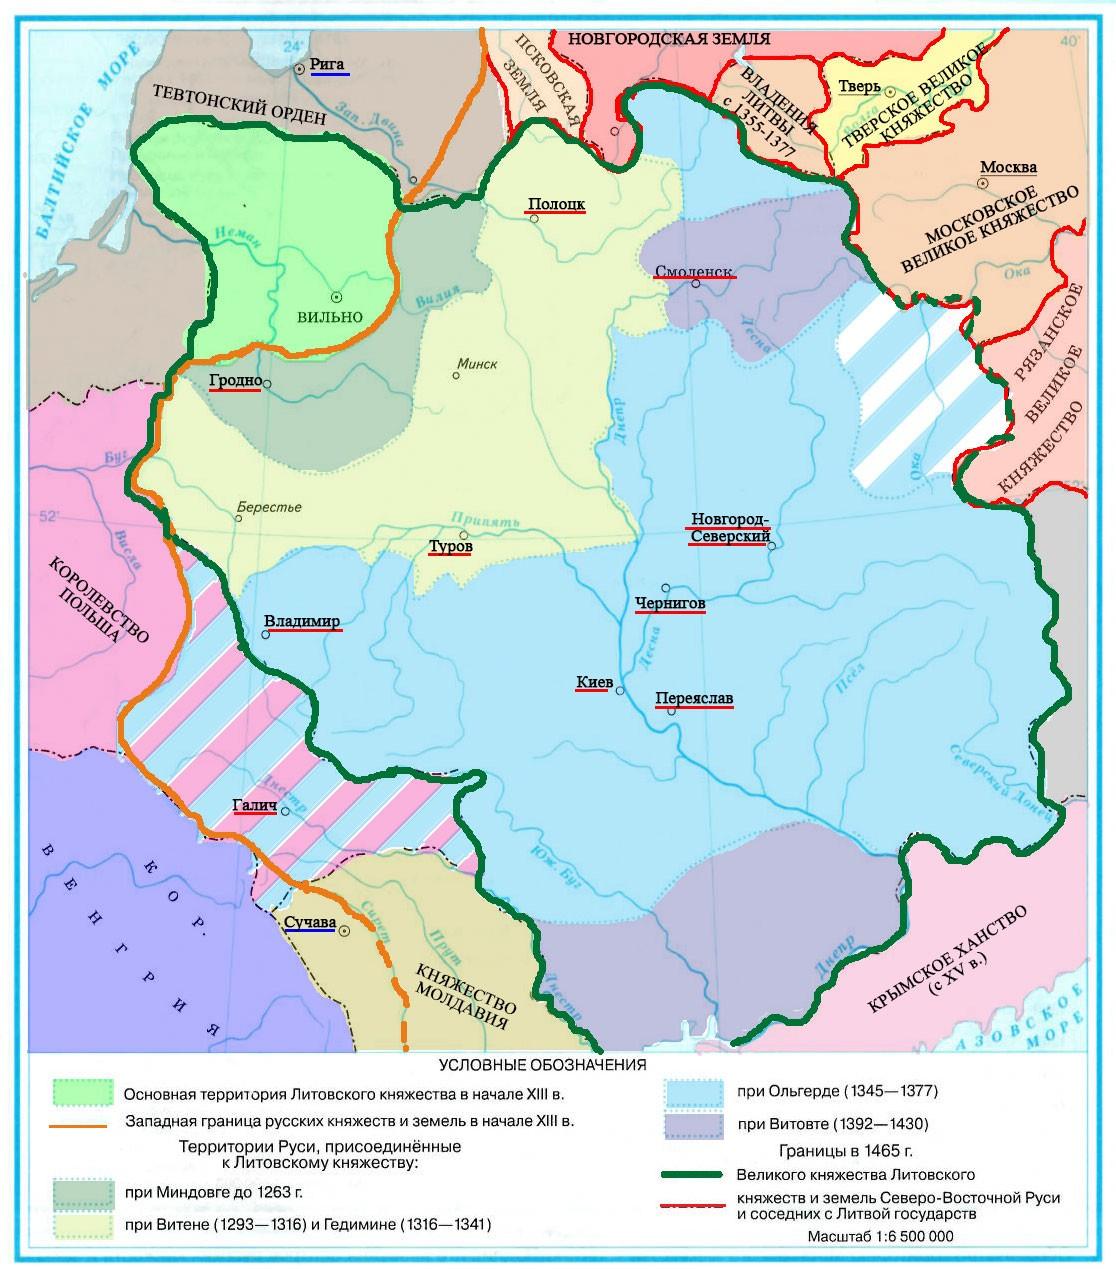 русь и великое княжество литовское